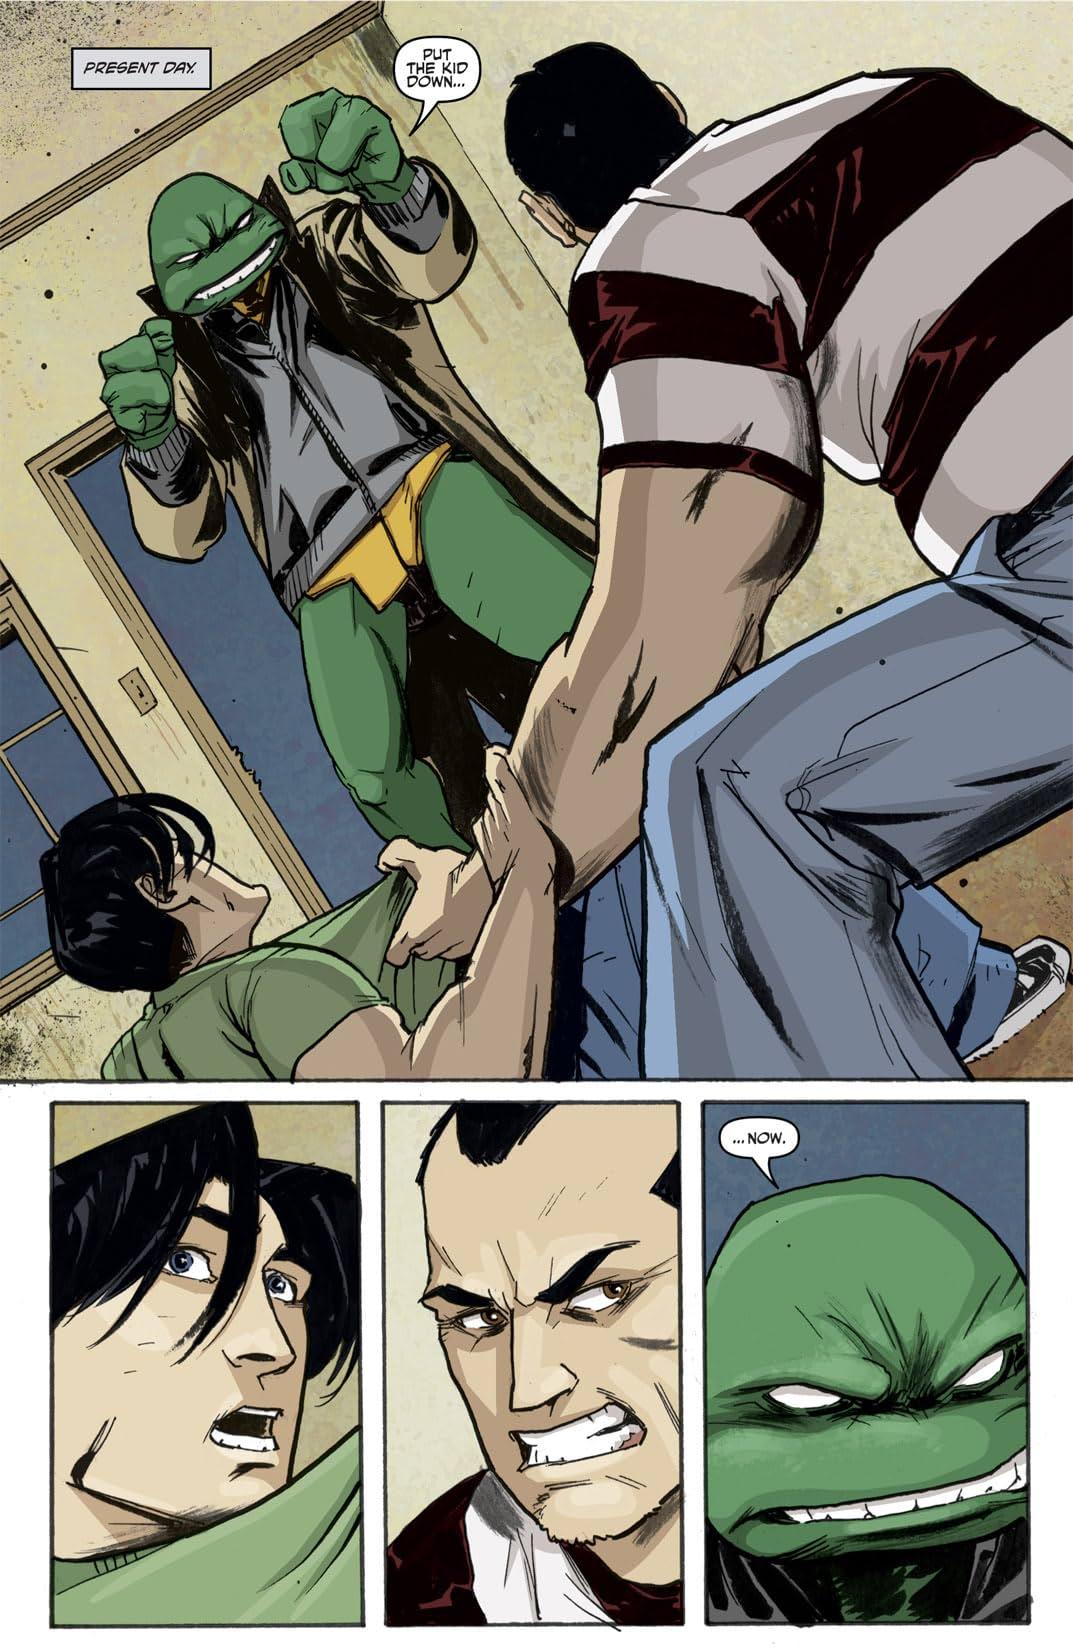 Teenage Mutant Ninja Turtles #2